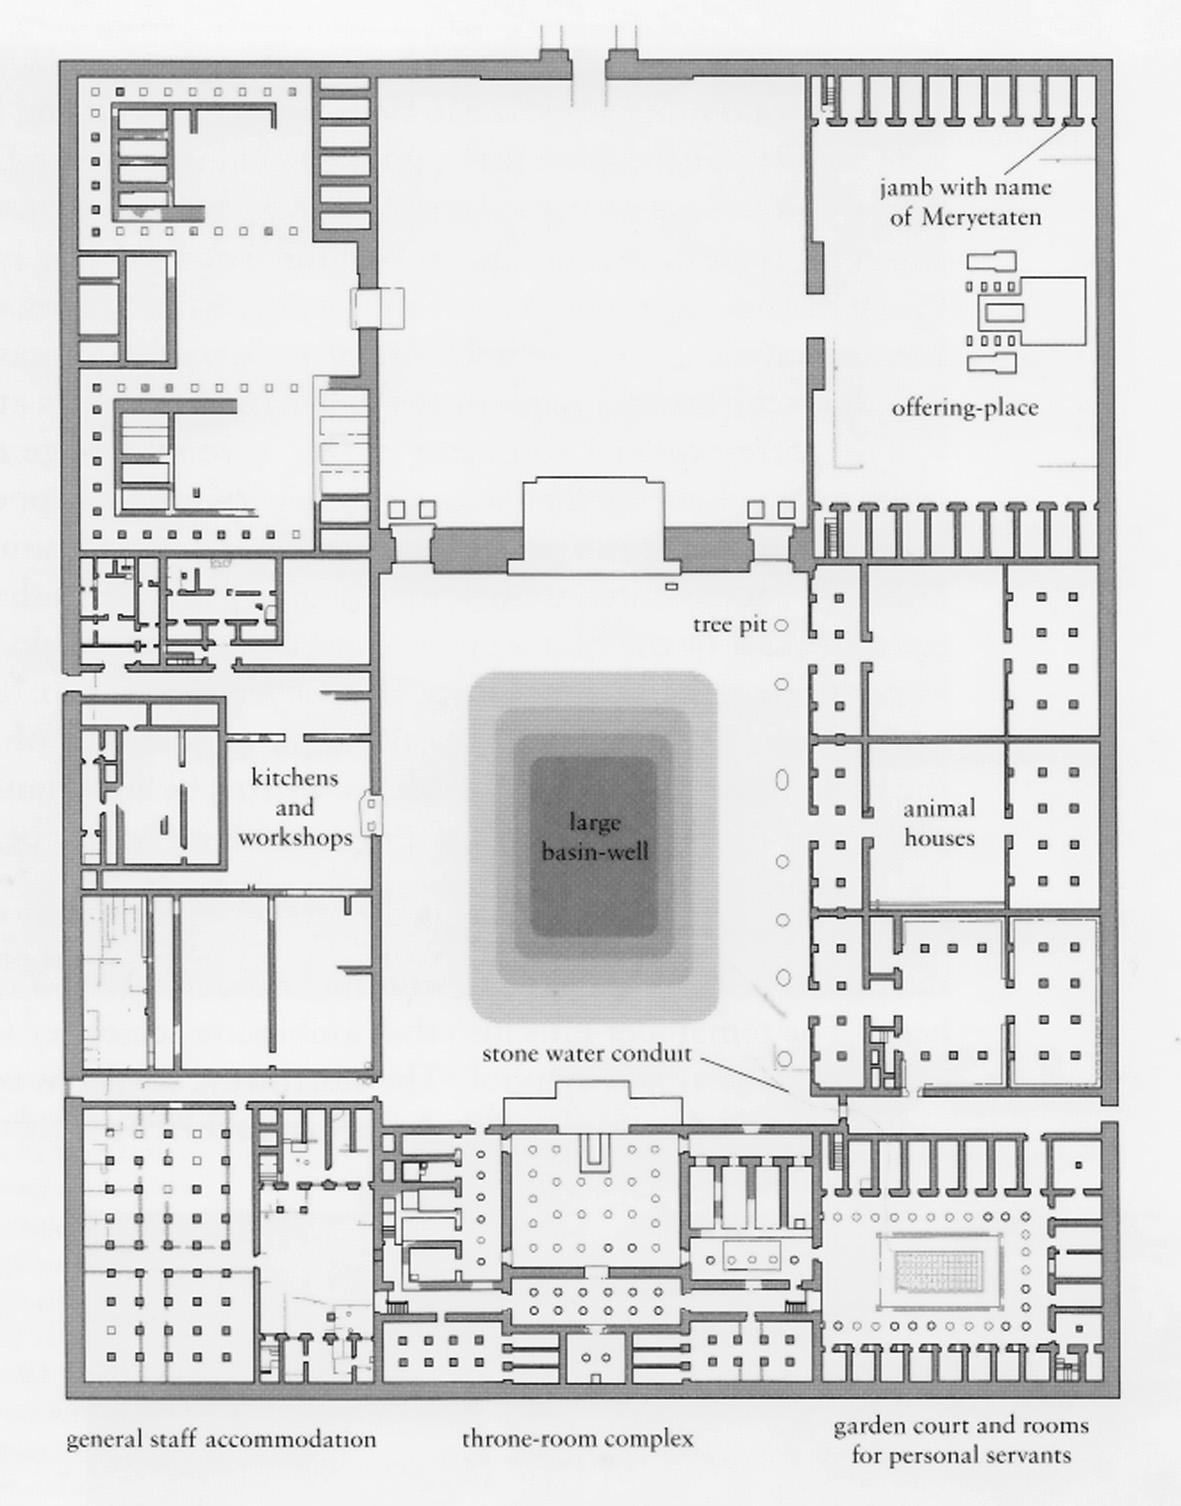 Drawn palace small Plan North Palace Amarna and